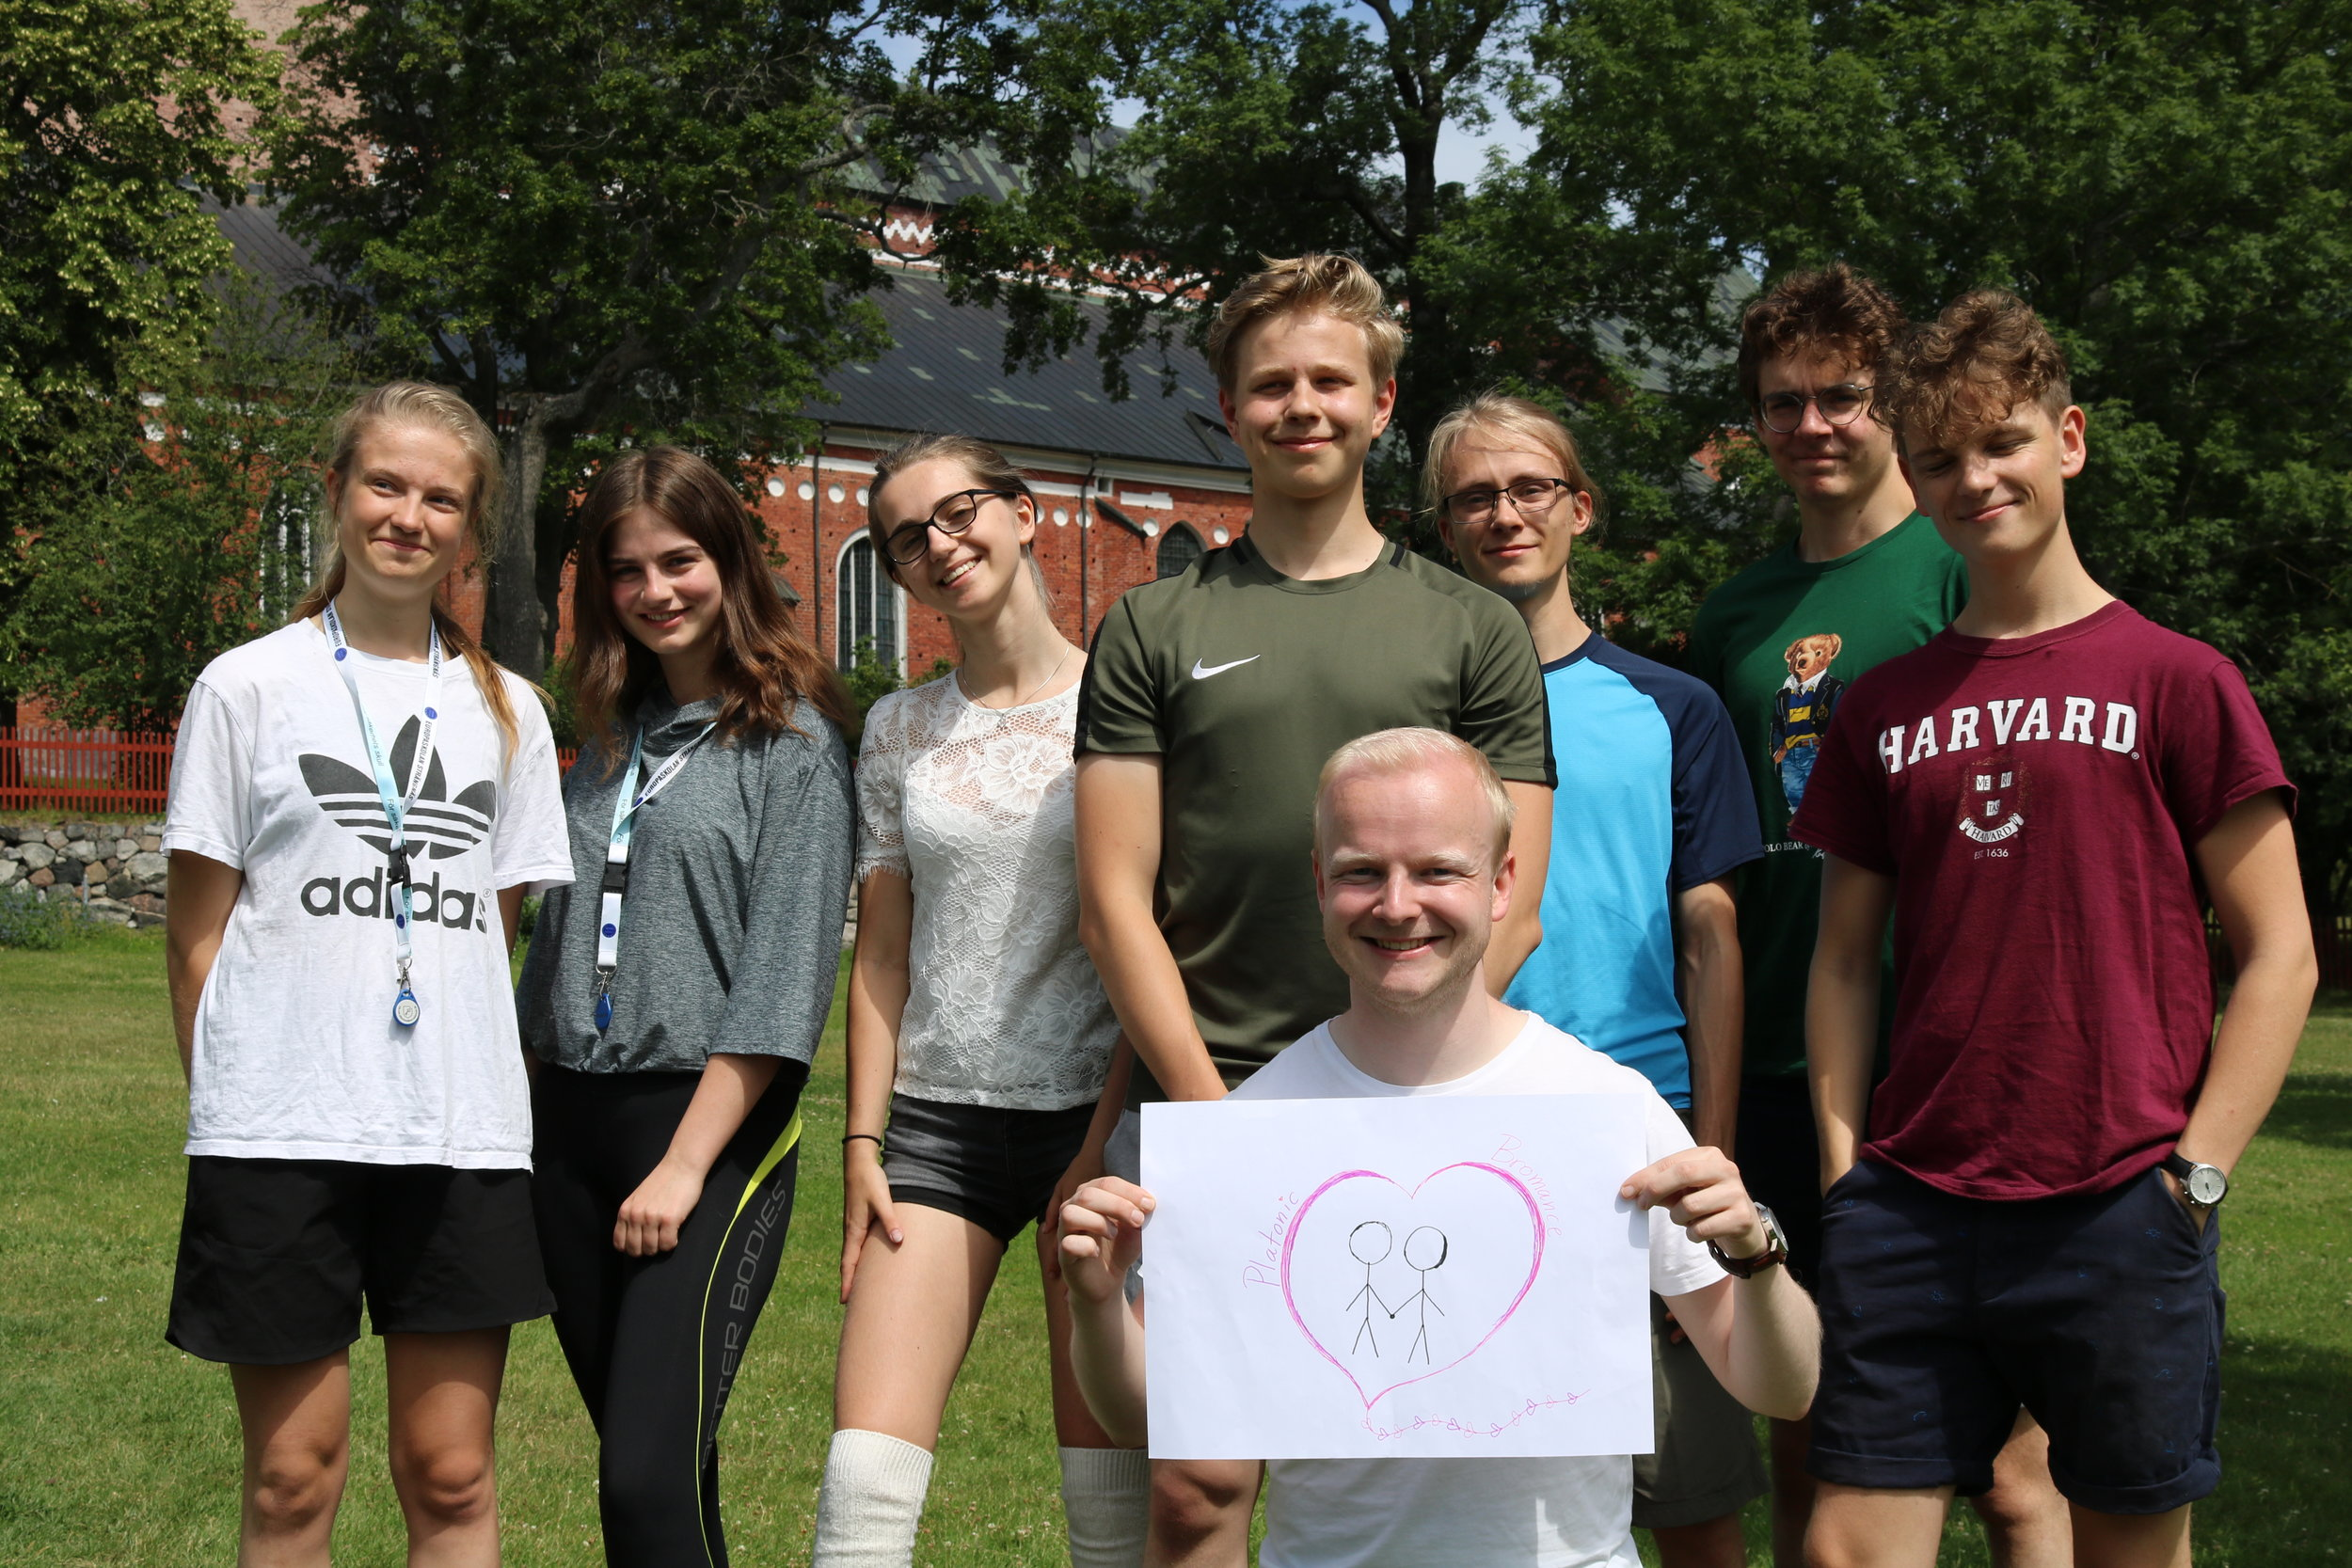 Julia, författare av blogginlägget, och hennes handledargrupp Bromance under Rays Olympics